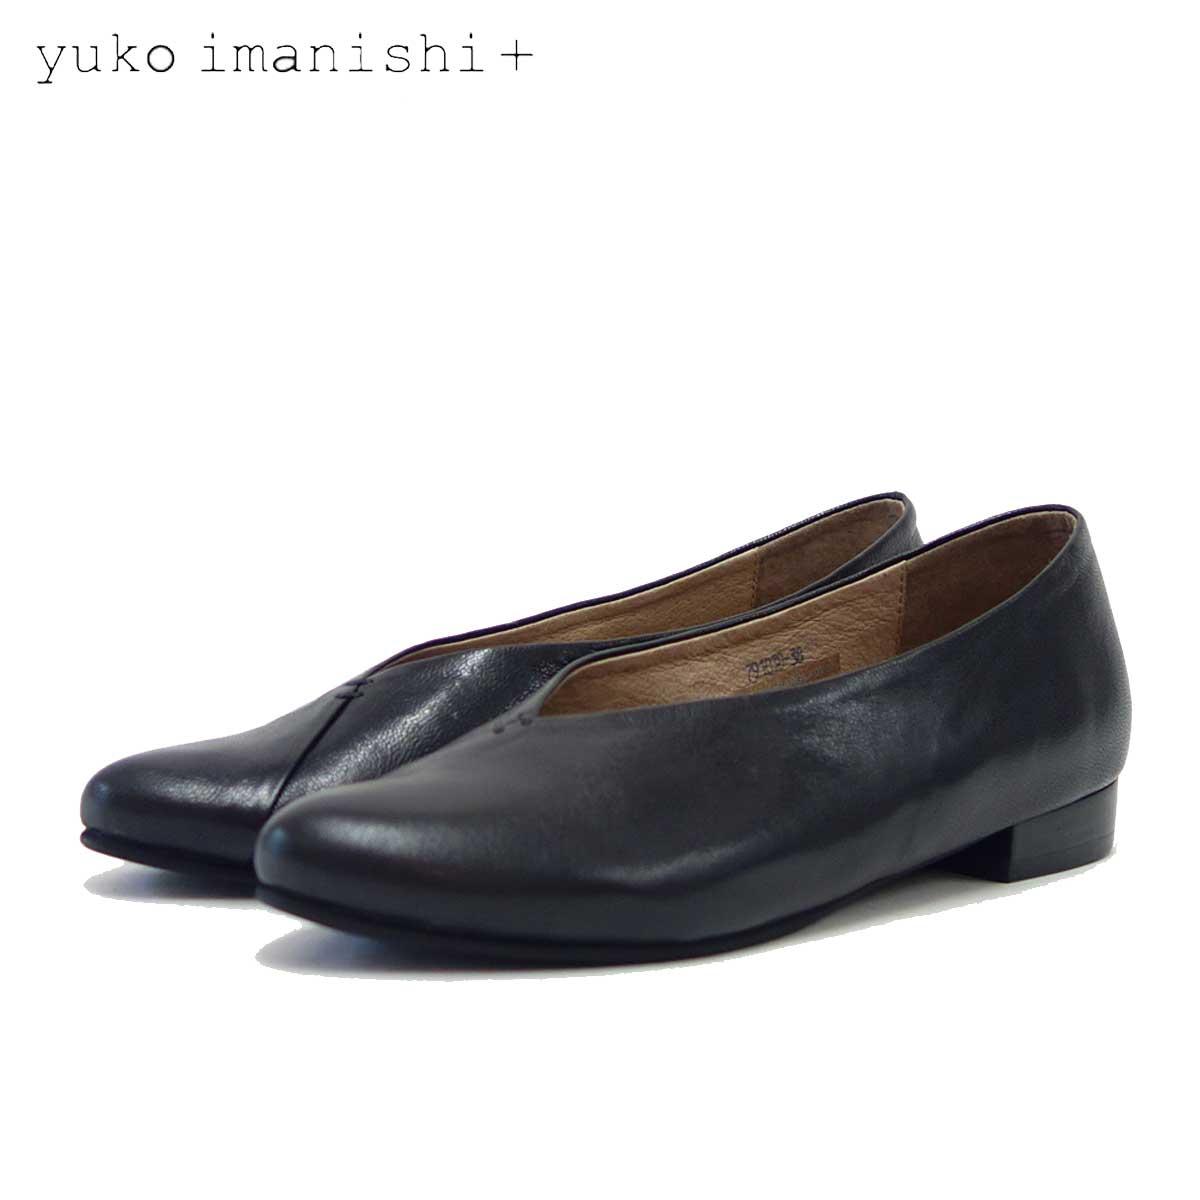 ユーコ イマニシ yuko imanishi +  791038 ブラック Vカット カッターシューズ 「靴」